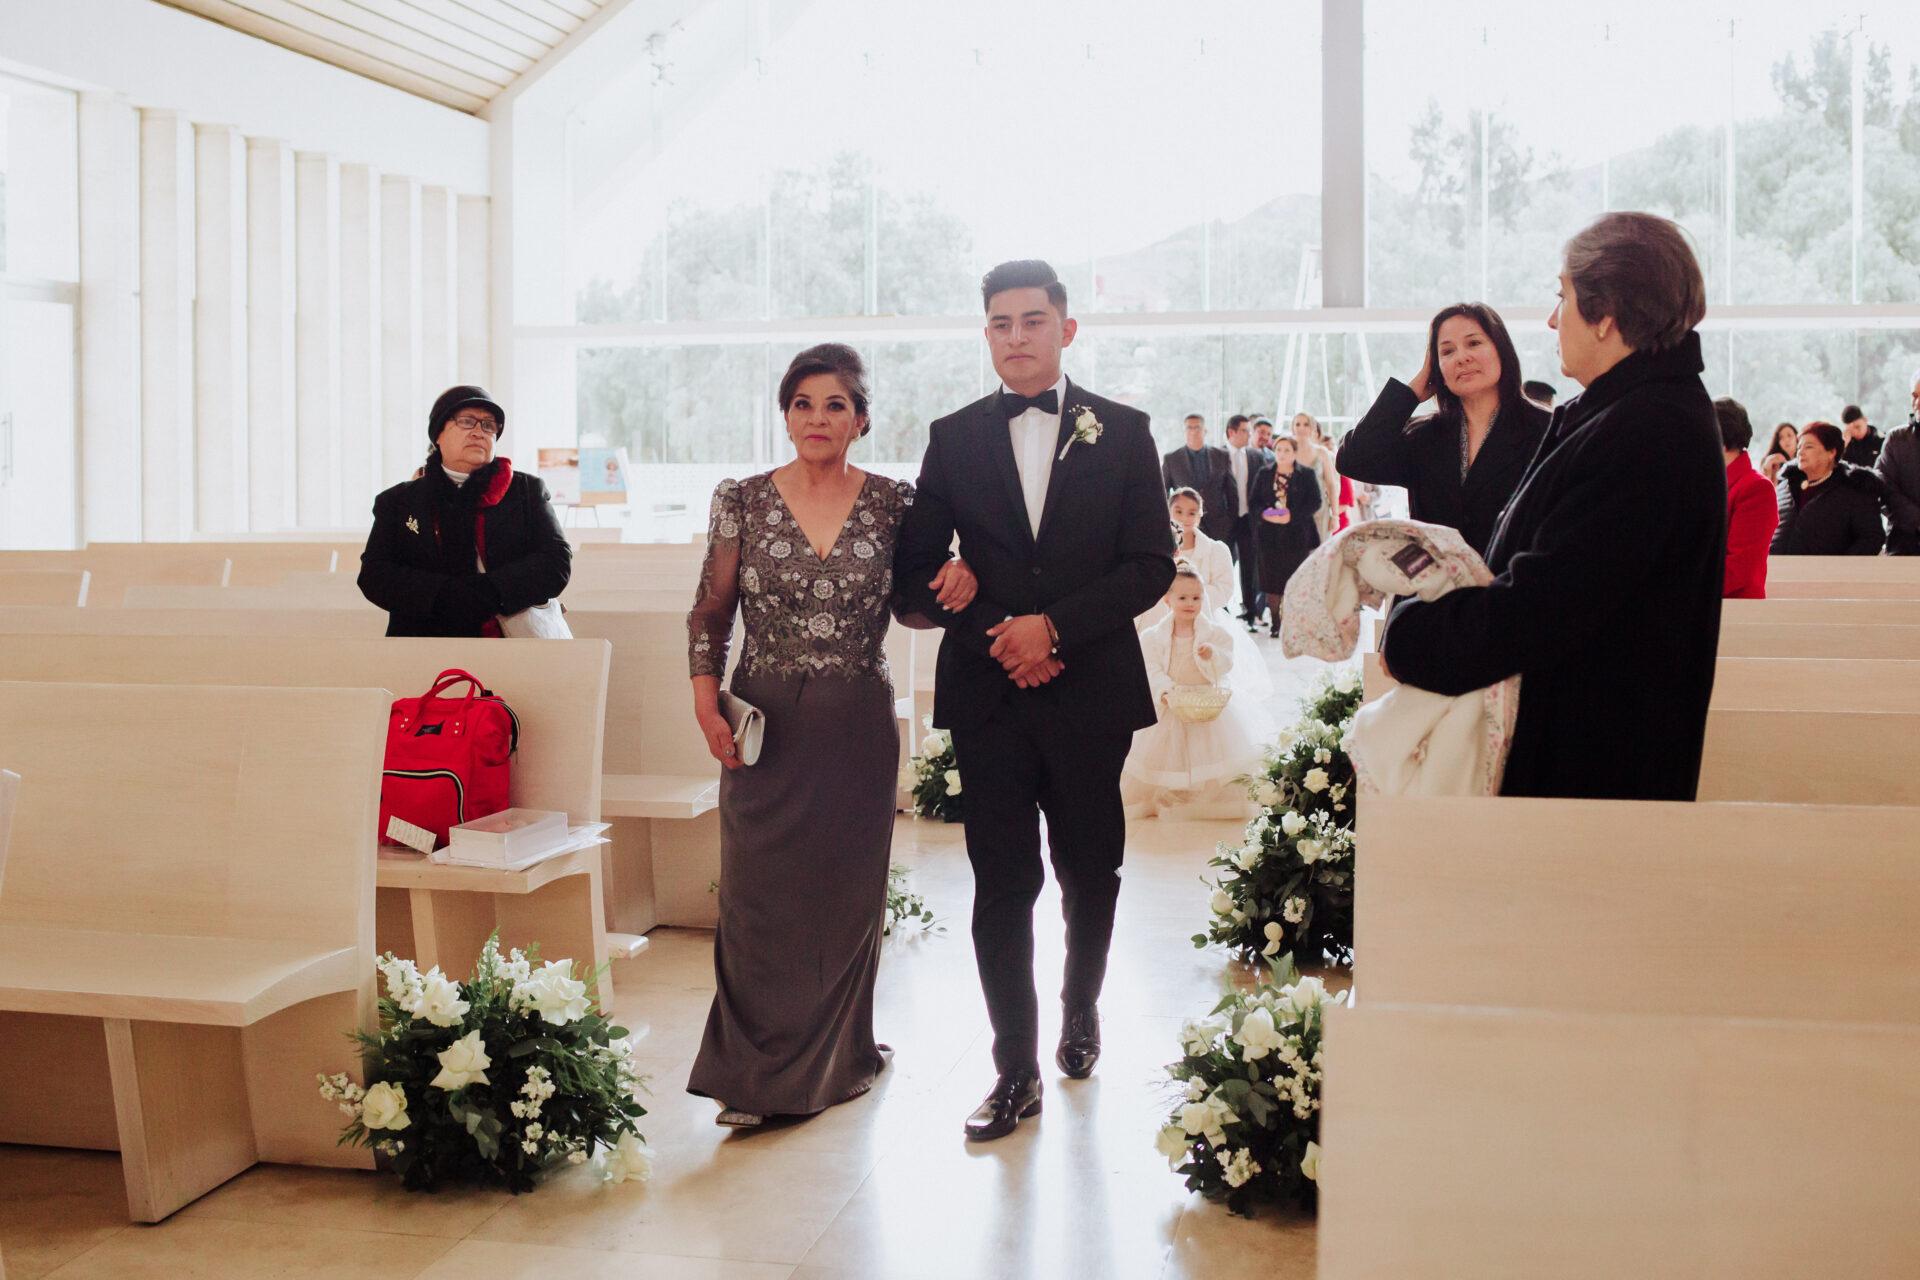 javier_noriega_fotografo_Boda_san_ramon_zacatecas_wedding_photographer5